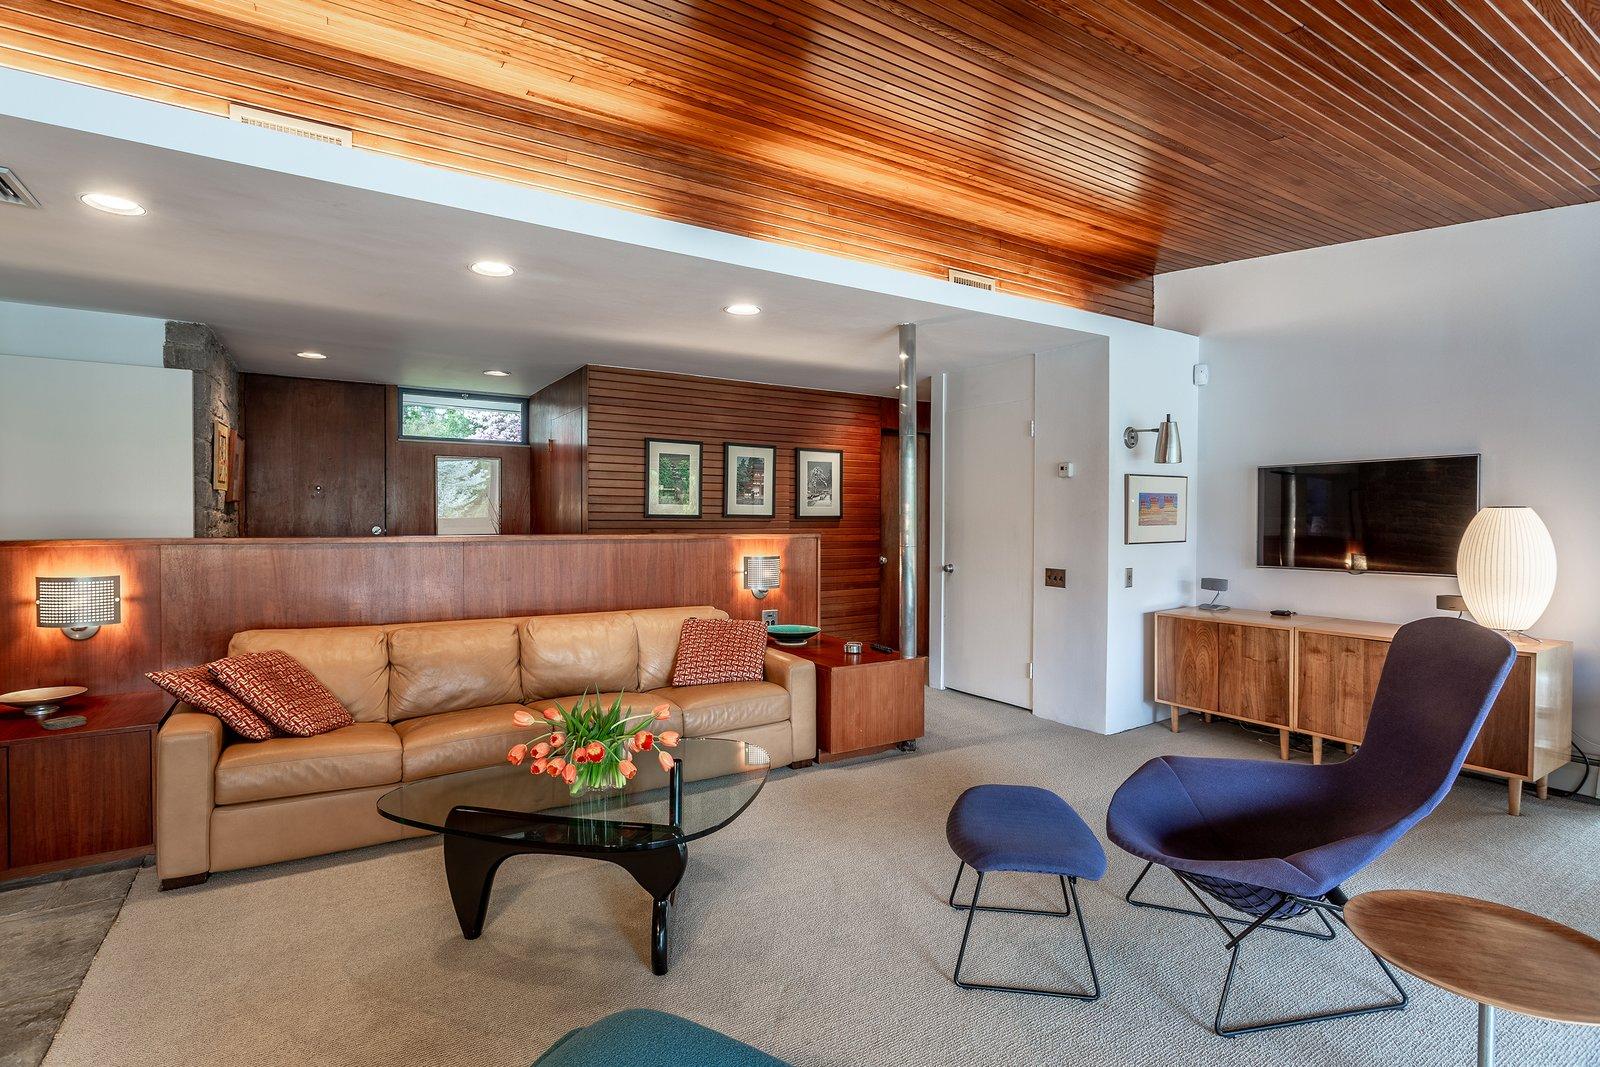 Miller Philadelphia Neutra House living room